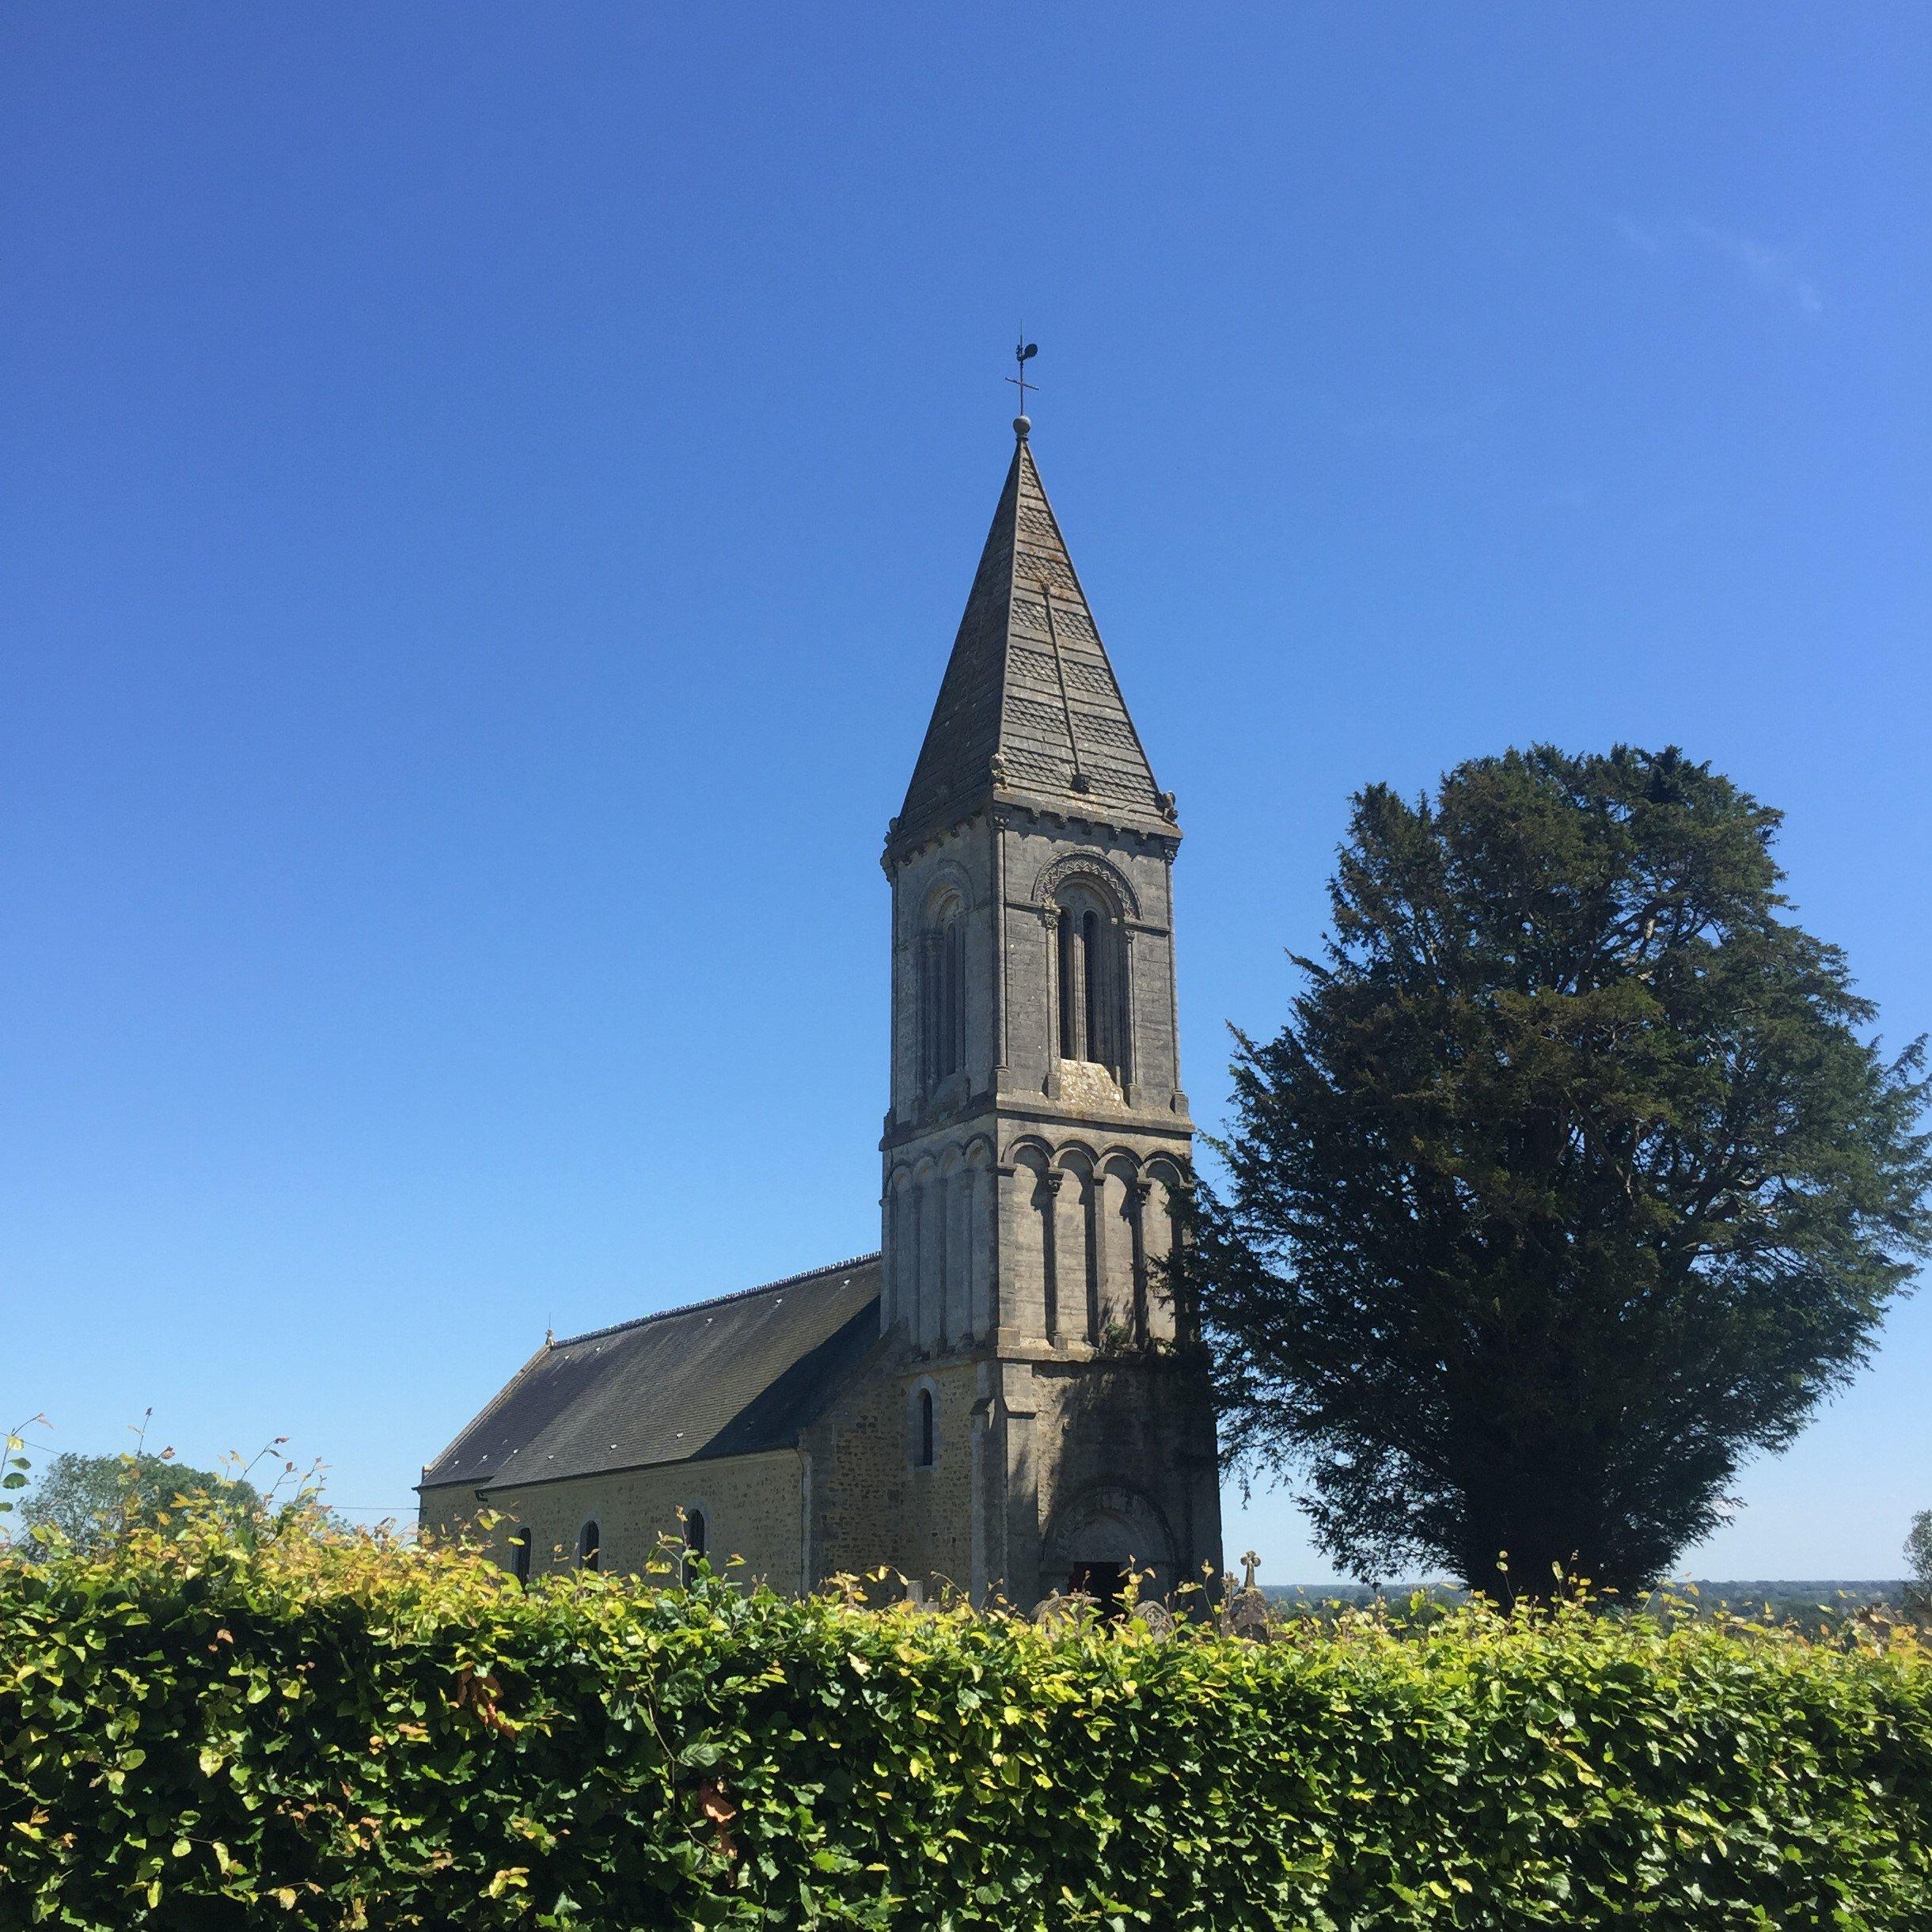 Intèrieur de l'église Saint Marcouf